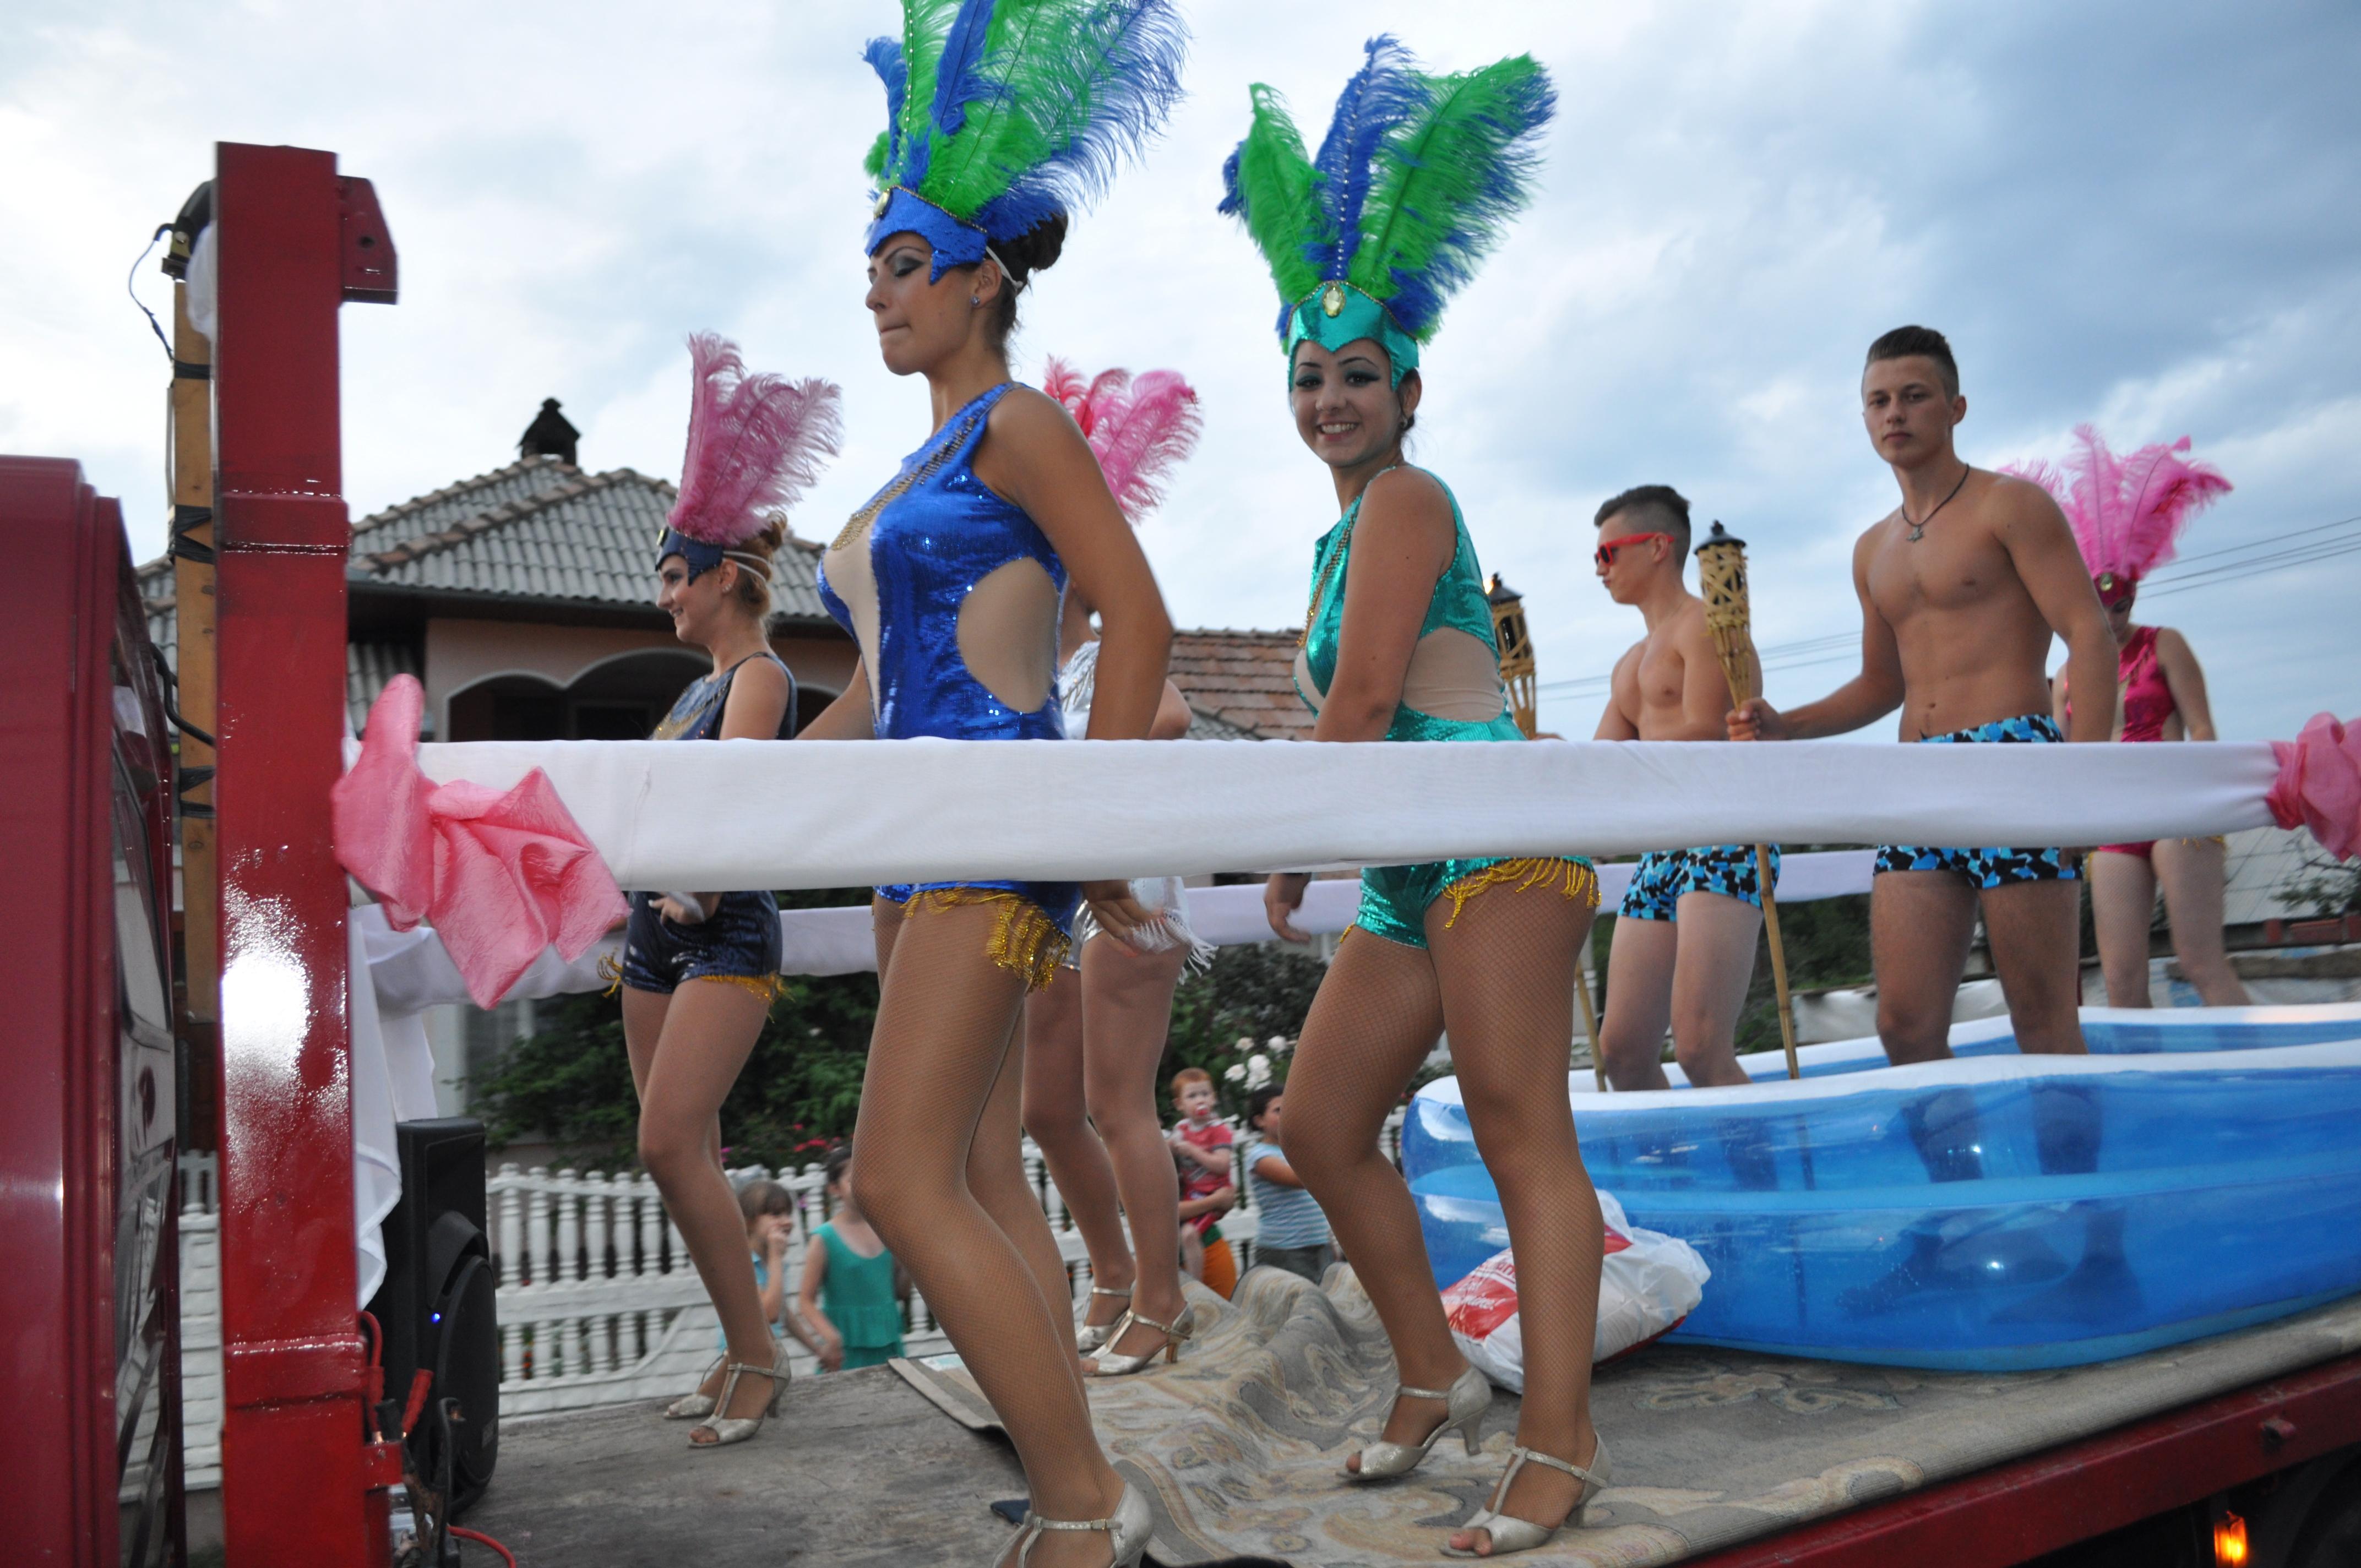 Bistrita: Care alegorice cu tineri �n slip si cad�ne �n costume de baie, la sarbatoarea unei comune - FOTO